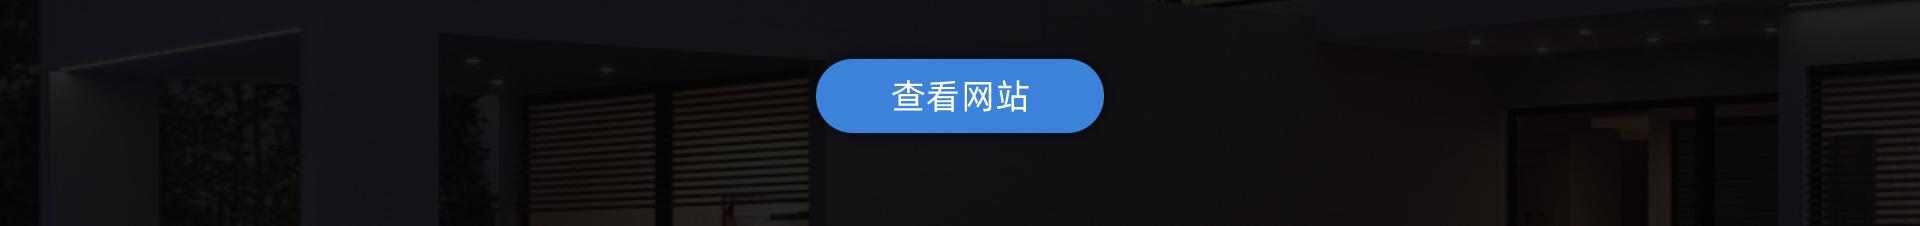 邱晓彬-邱晓彬-华胜天成科技_02